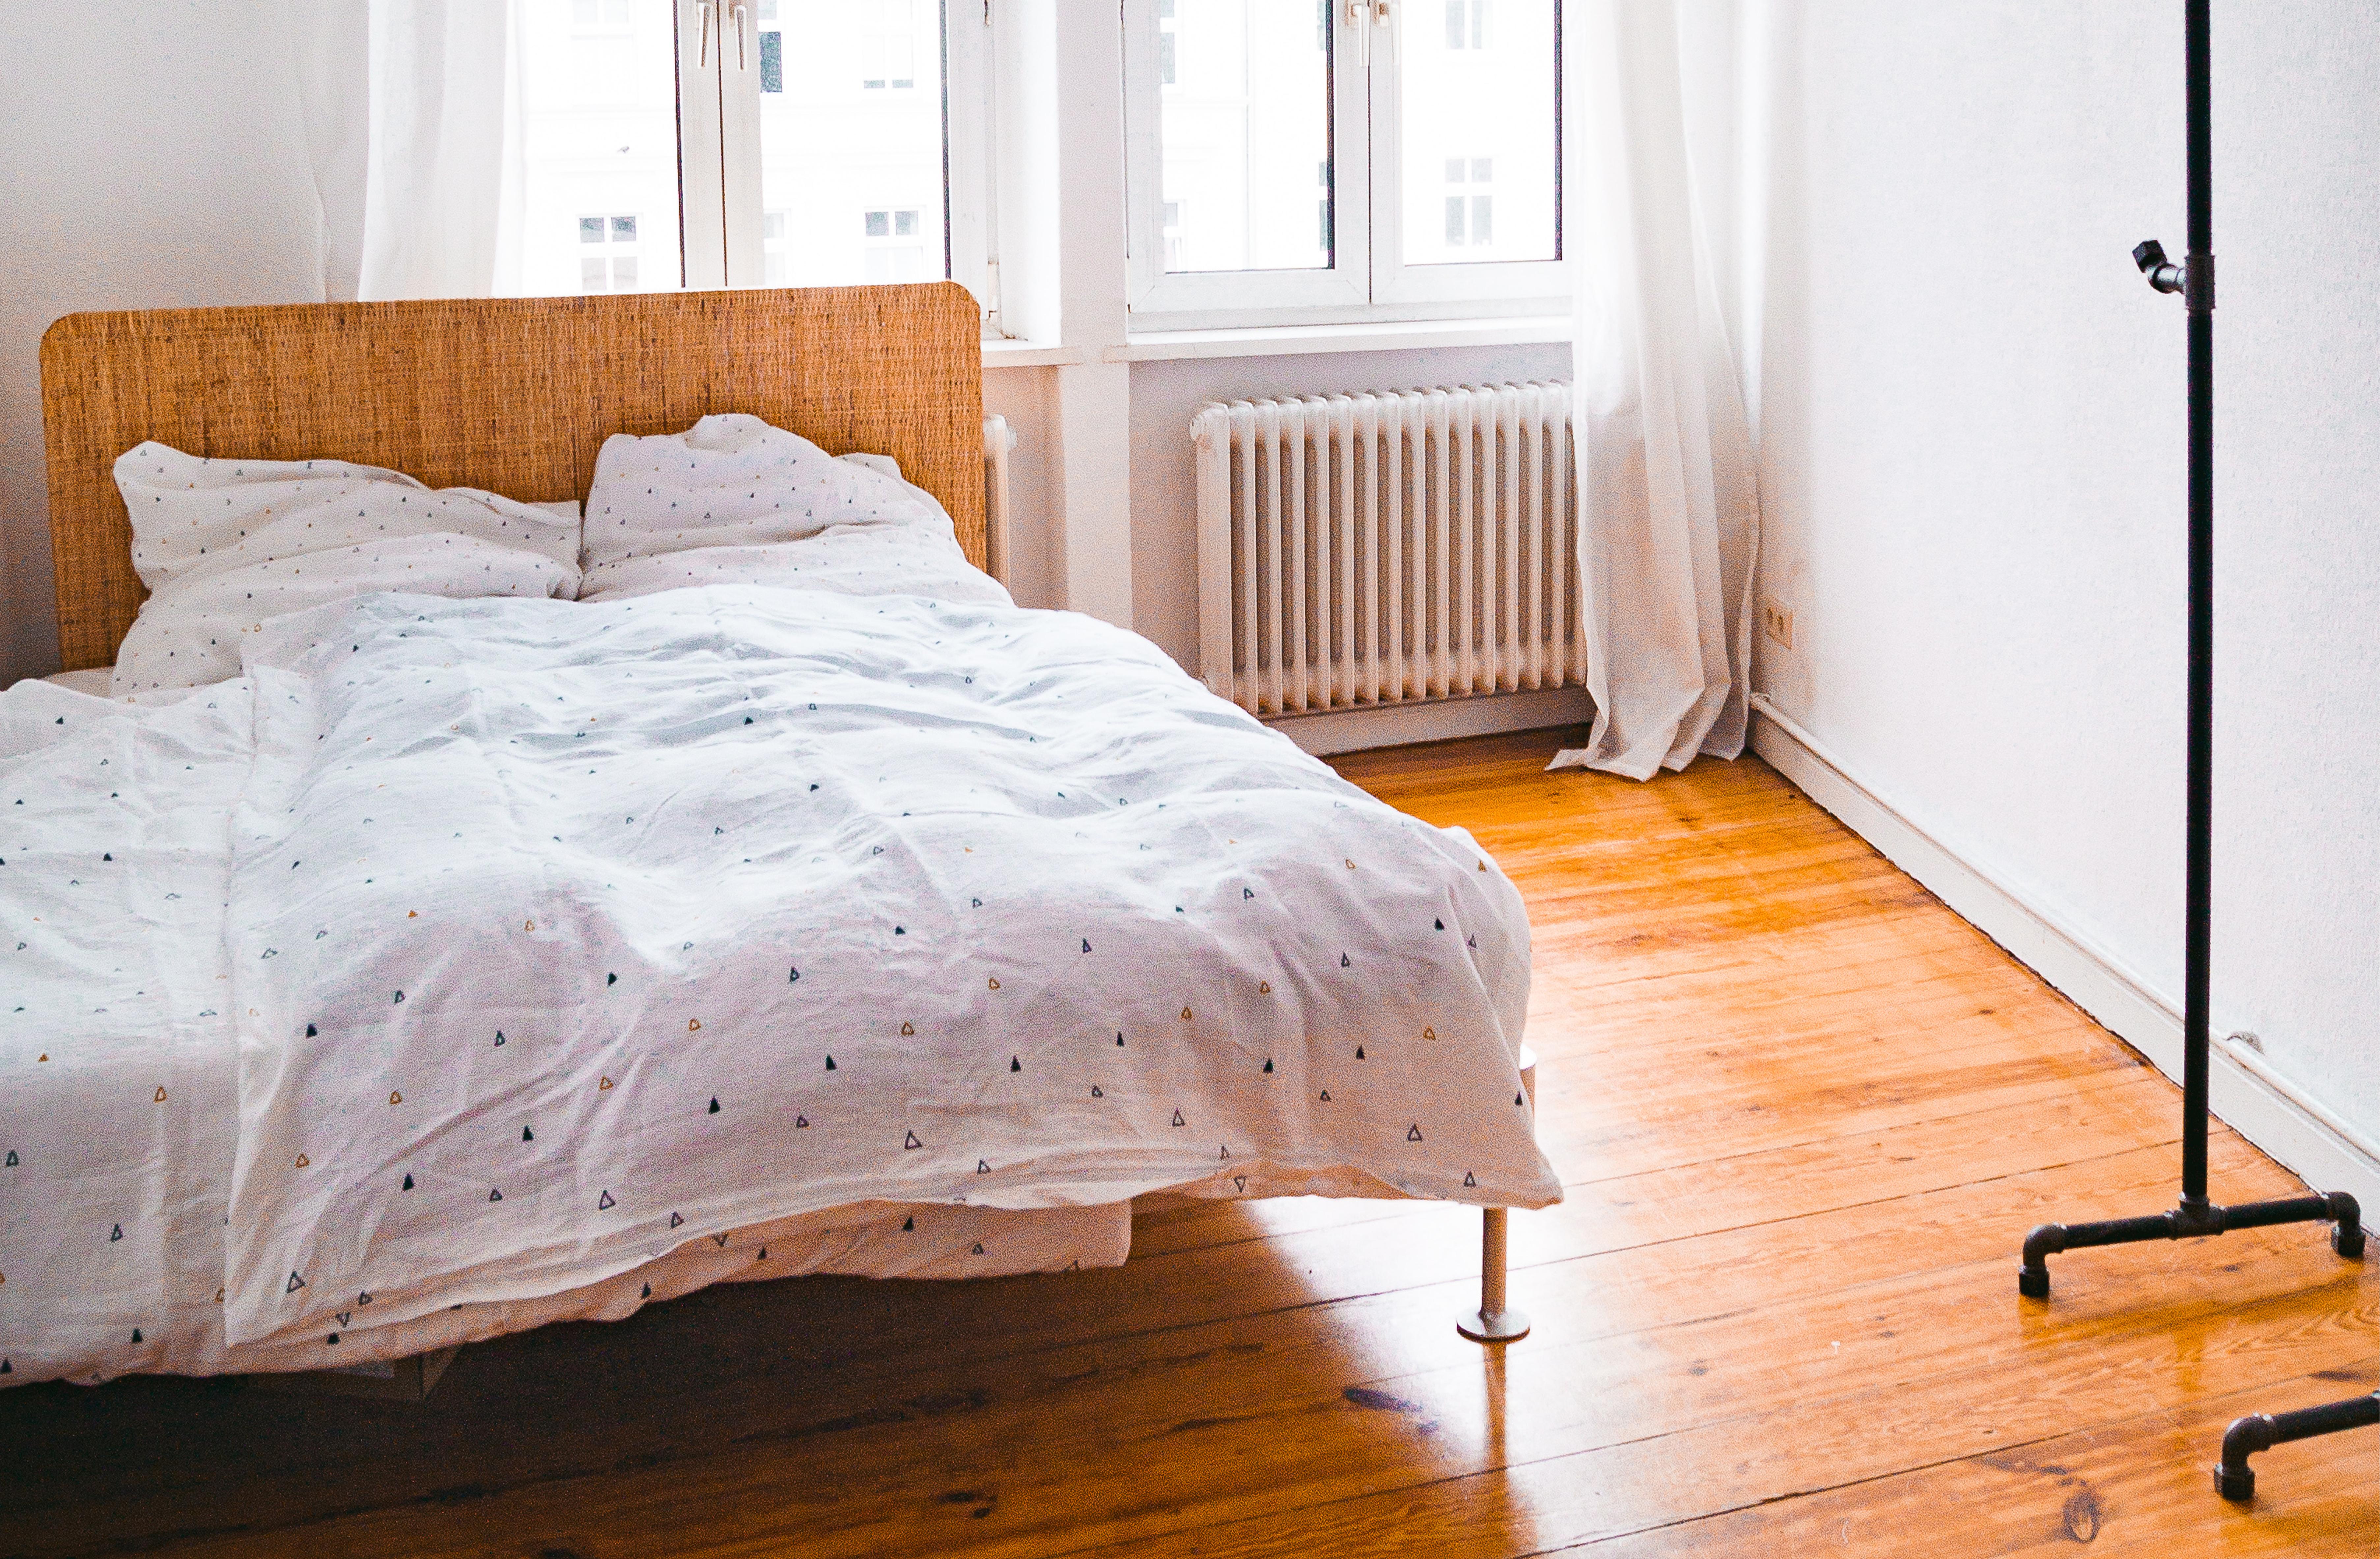 Ikea Delaktig Bett in Altbau-Wohnung mit hellem Interior, Dielenboden und Rackbuddy Kleiderstange